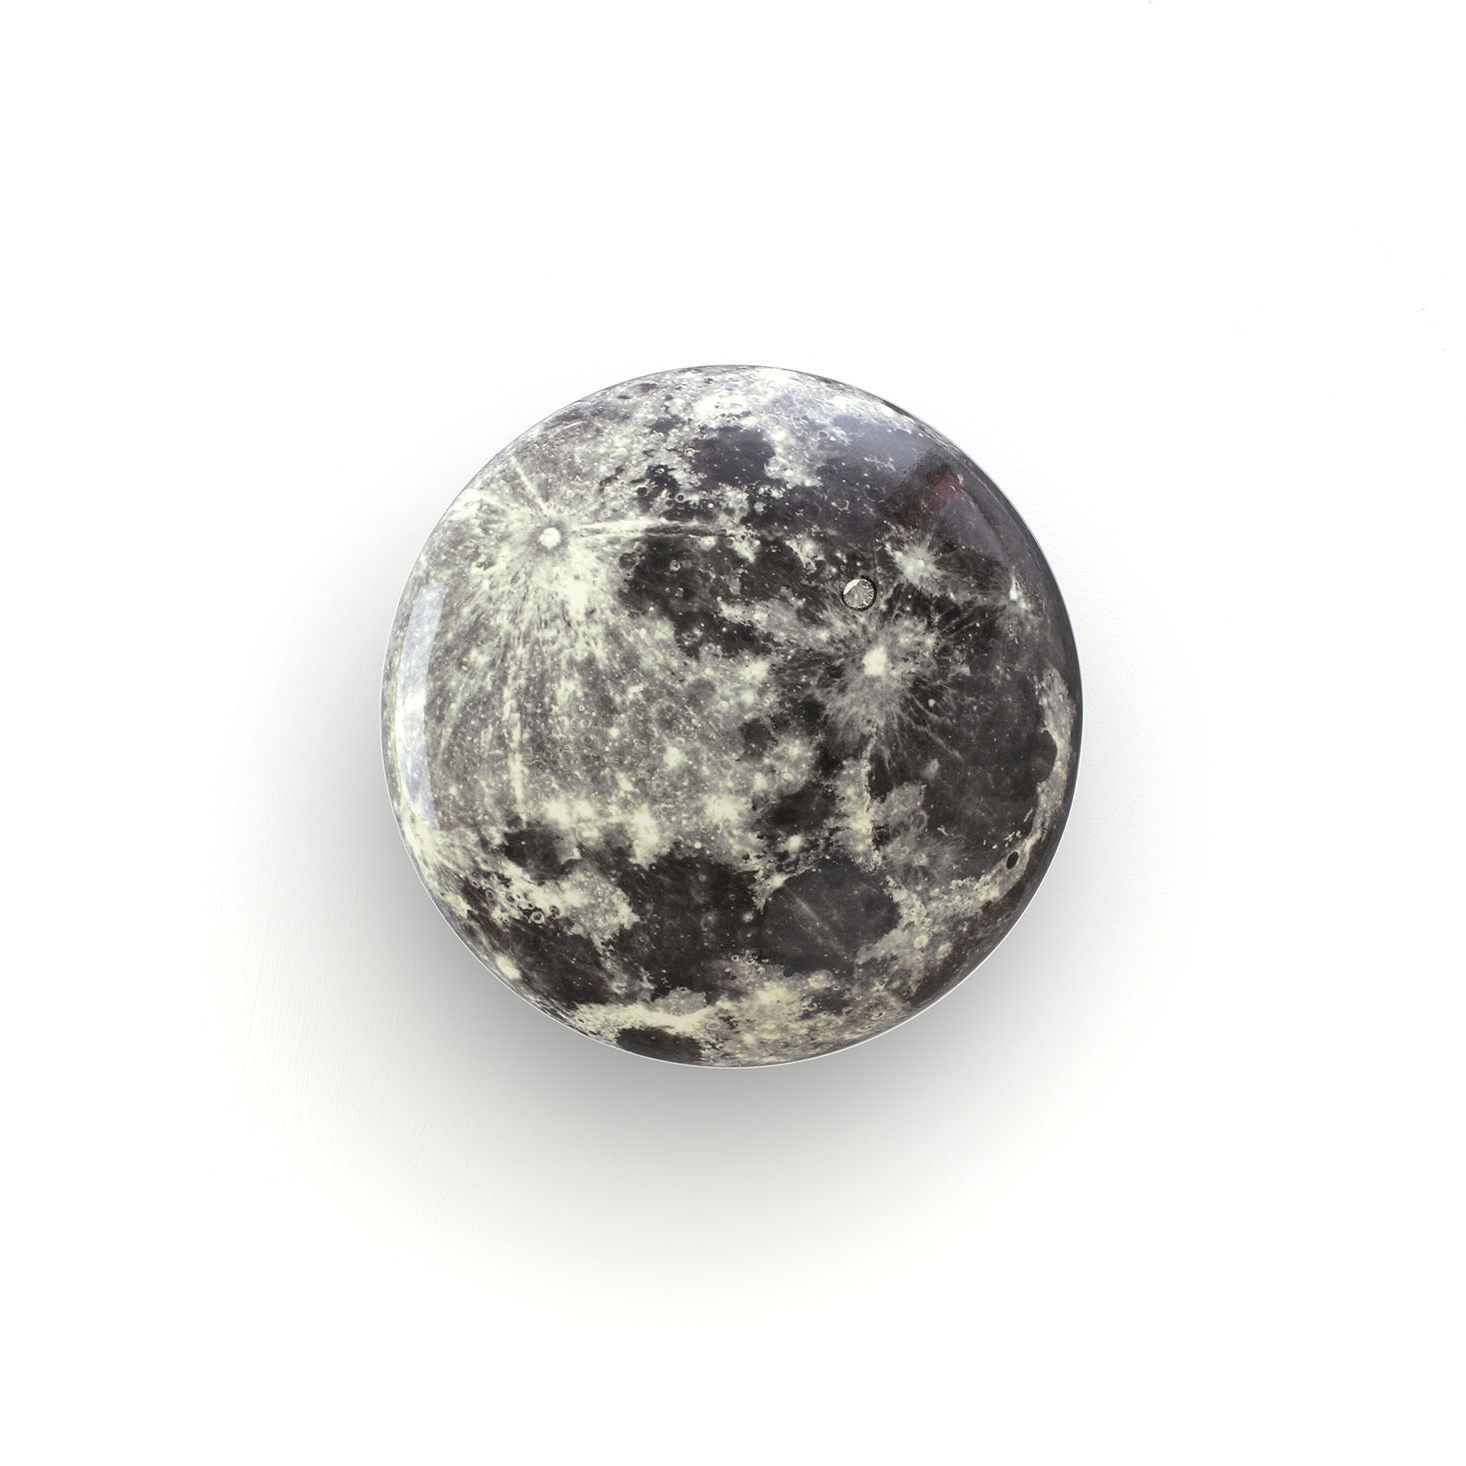 Möbel - Garderoben und Kleiderhaken - Cosmic Diner - Moon Wandhaken / ø 17 cm - Diesel living with Seletti - Mond - Holz